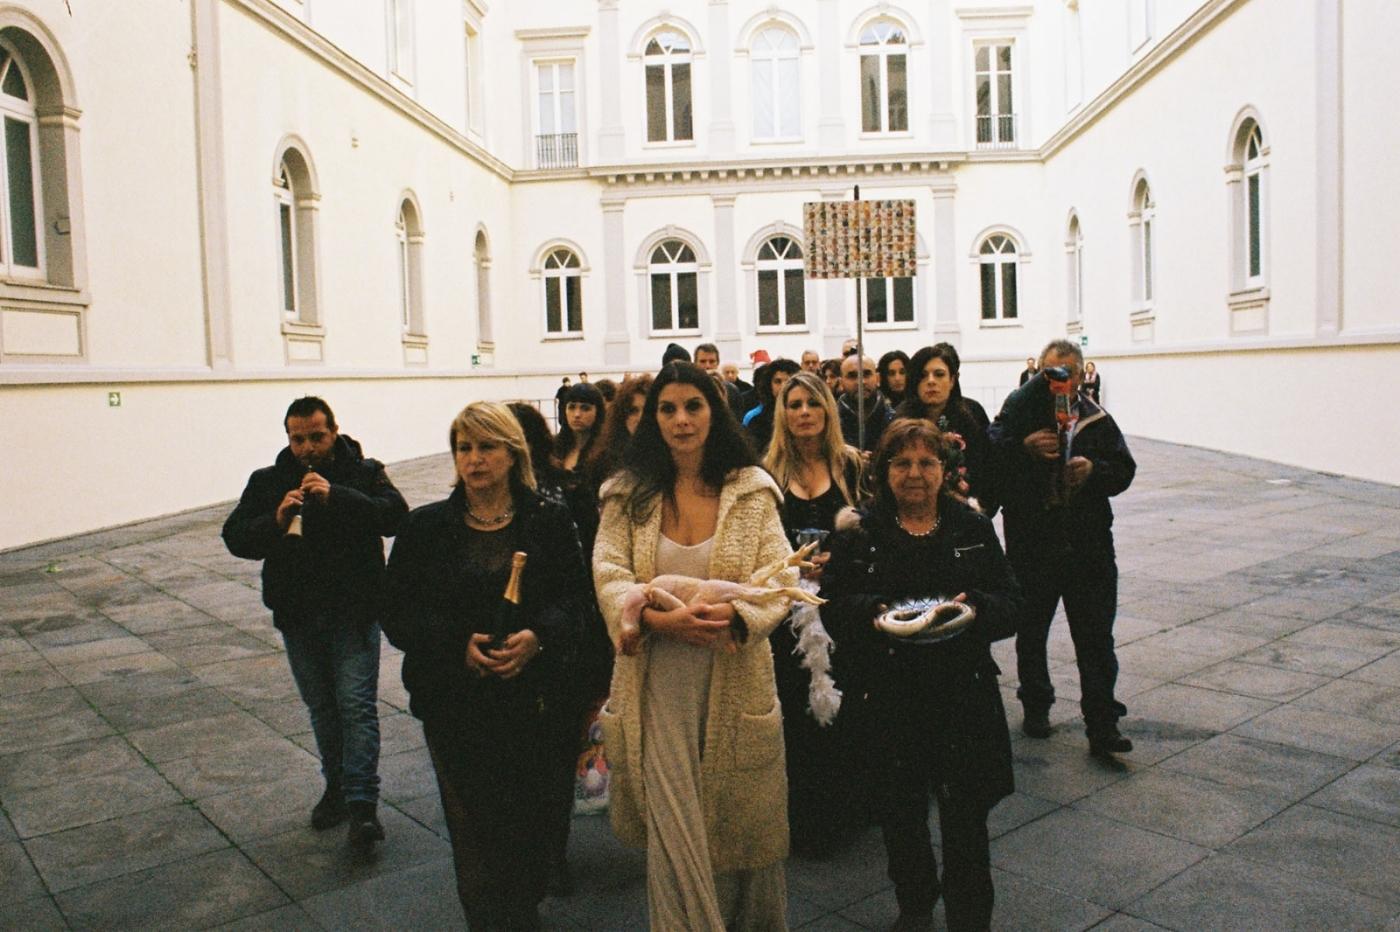 LA SACRA FAMIGLIA solo show Naples